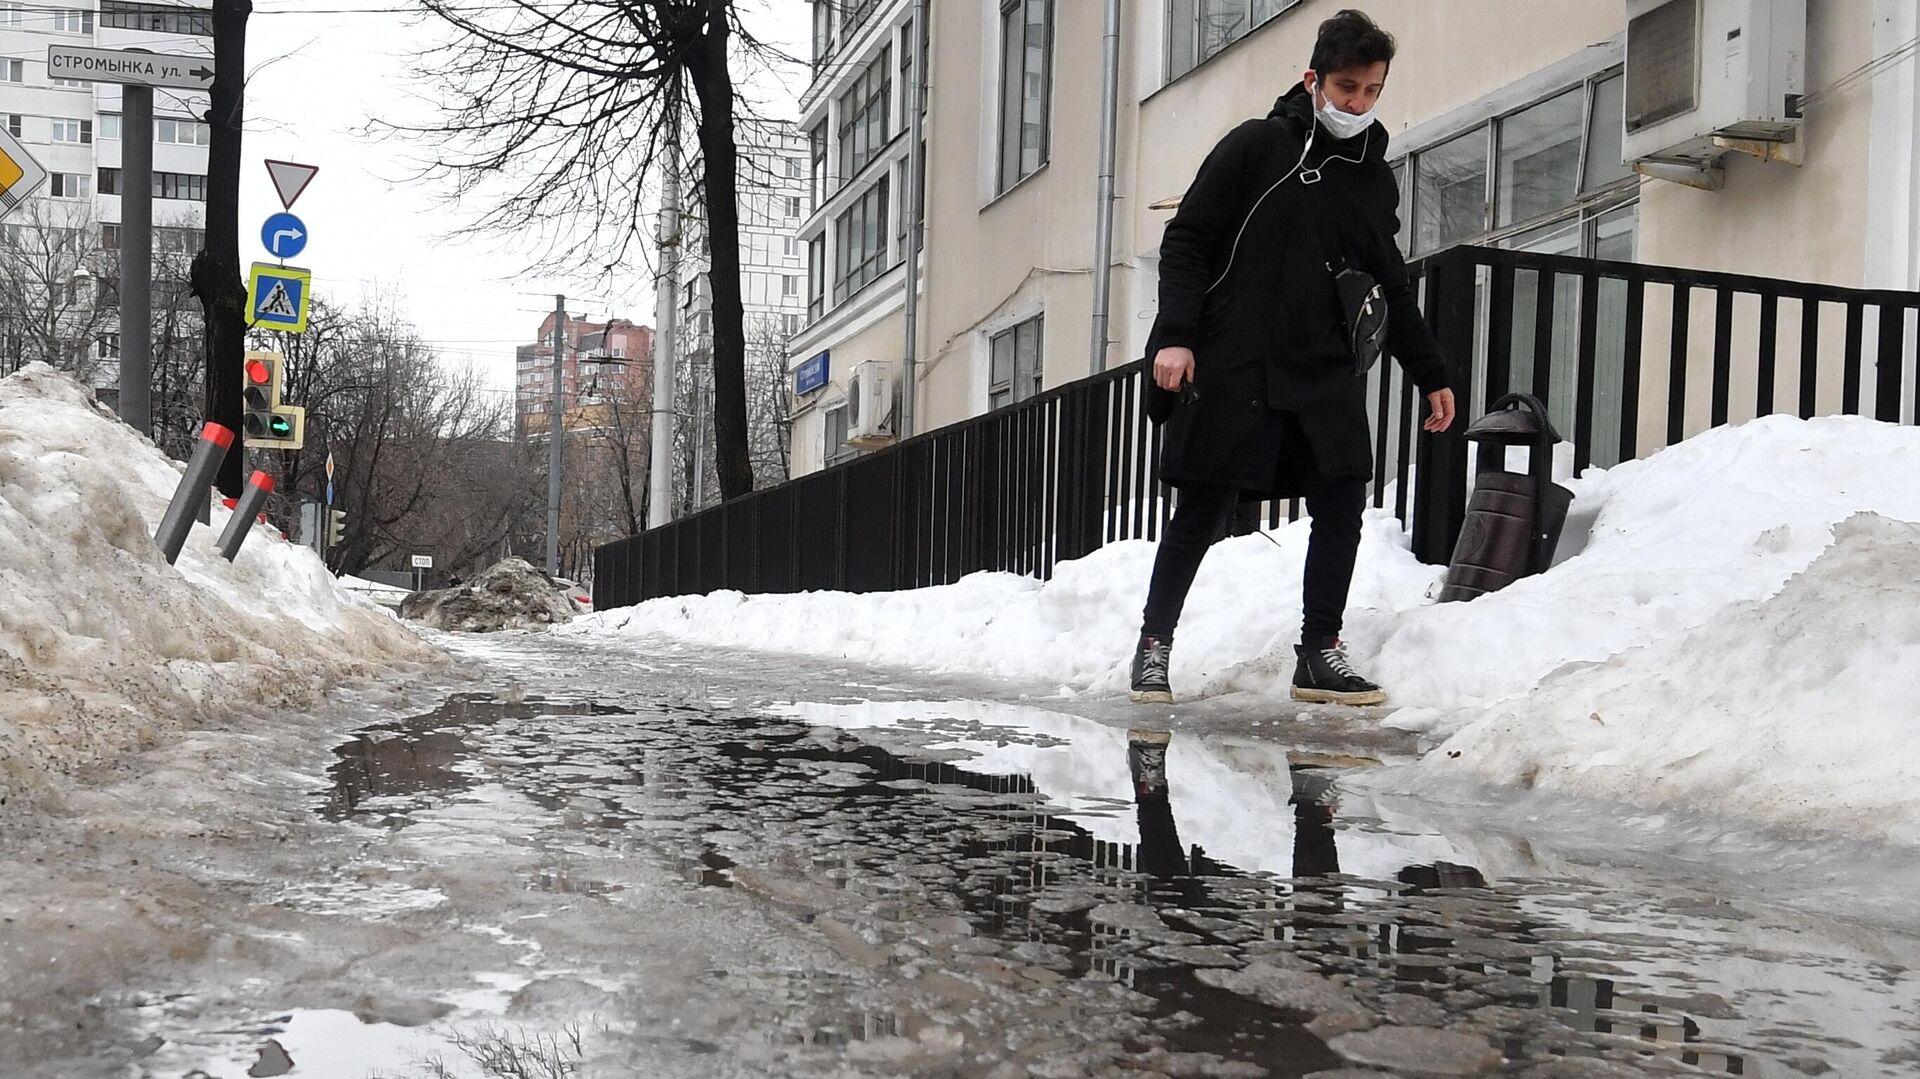 Мужчина на одной из улиц в Москве - РИА Новости, 1920, 02.03.2021